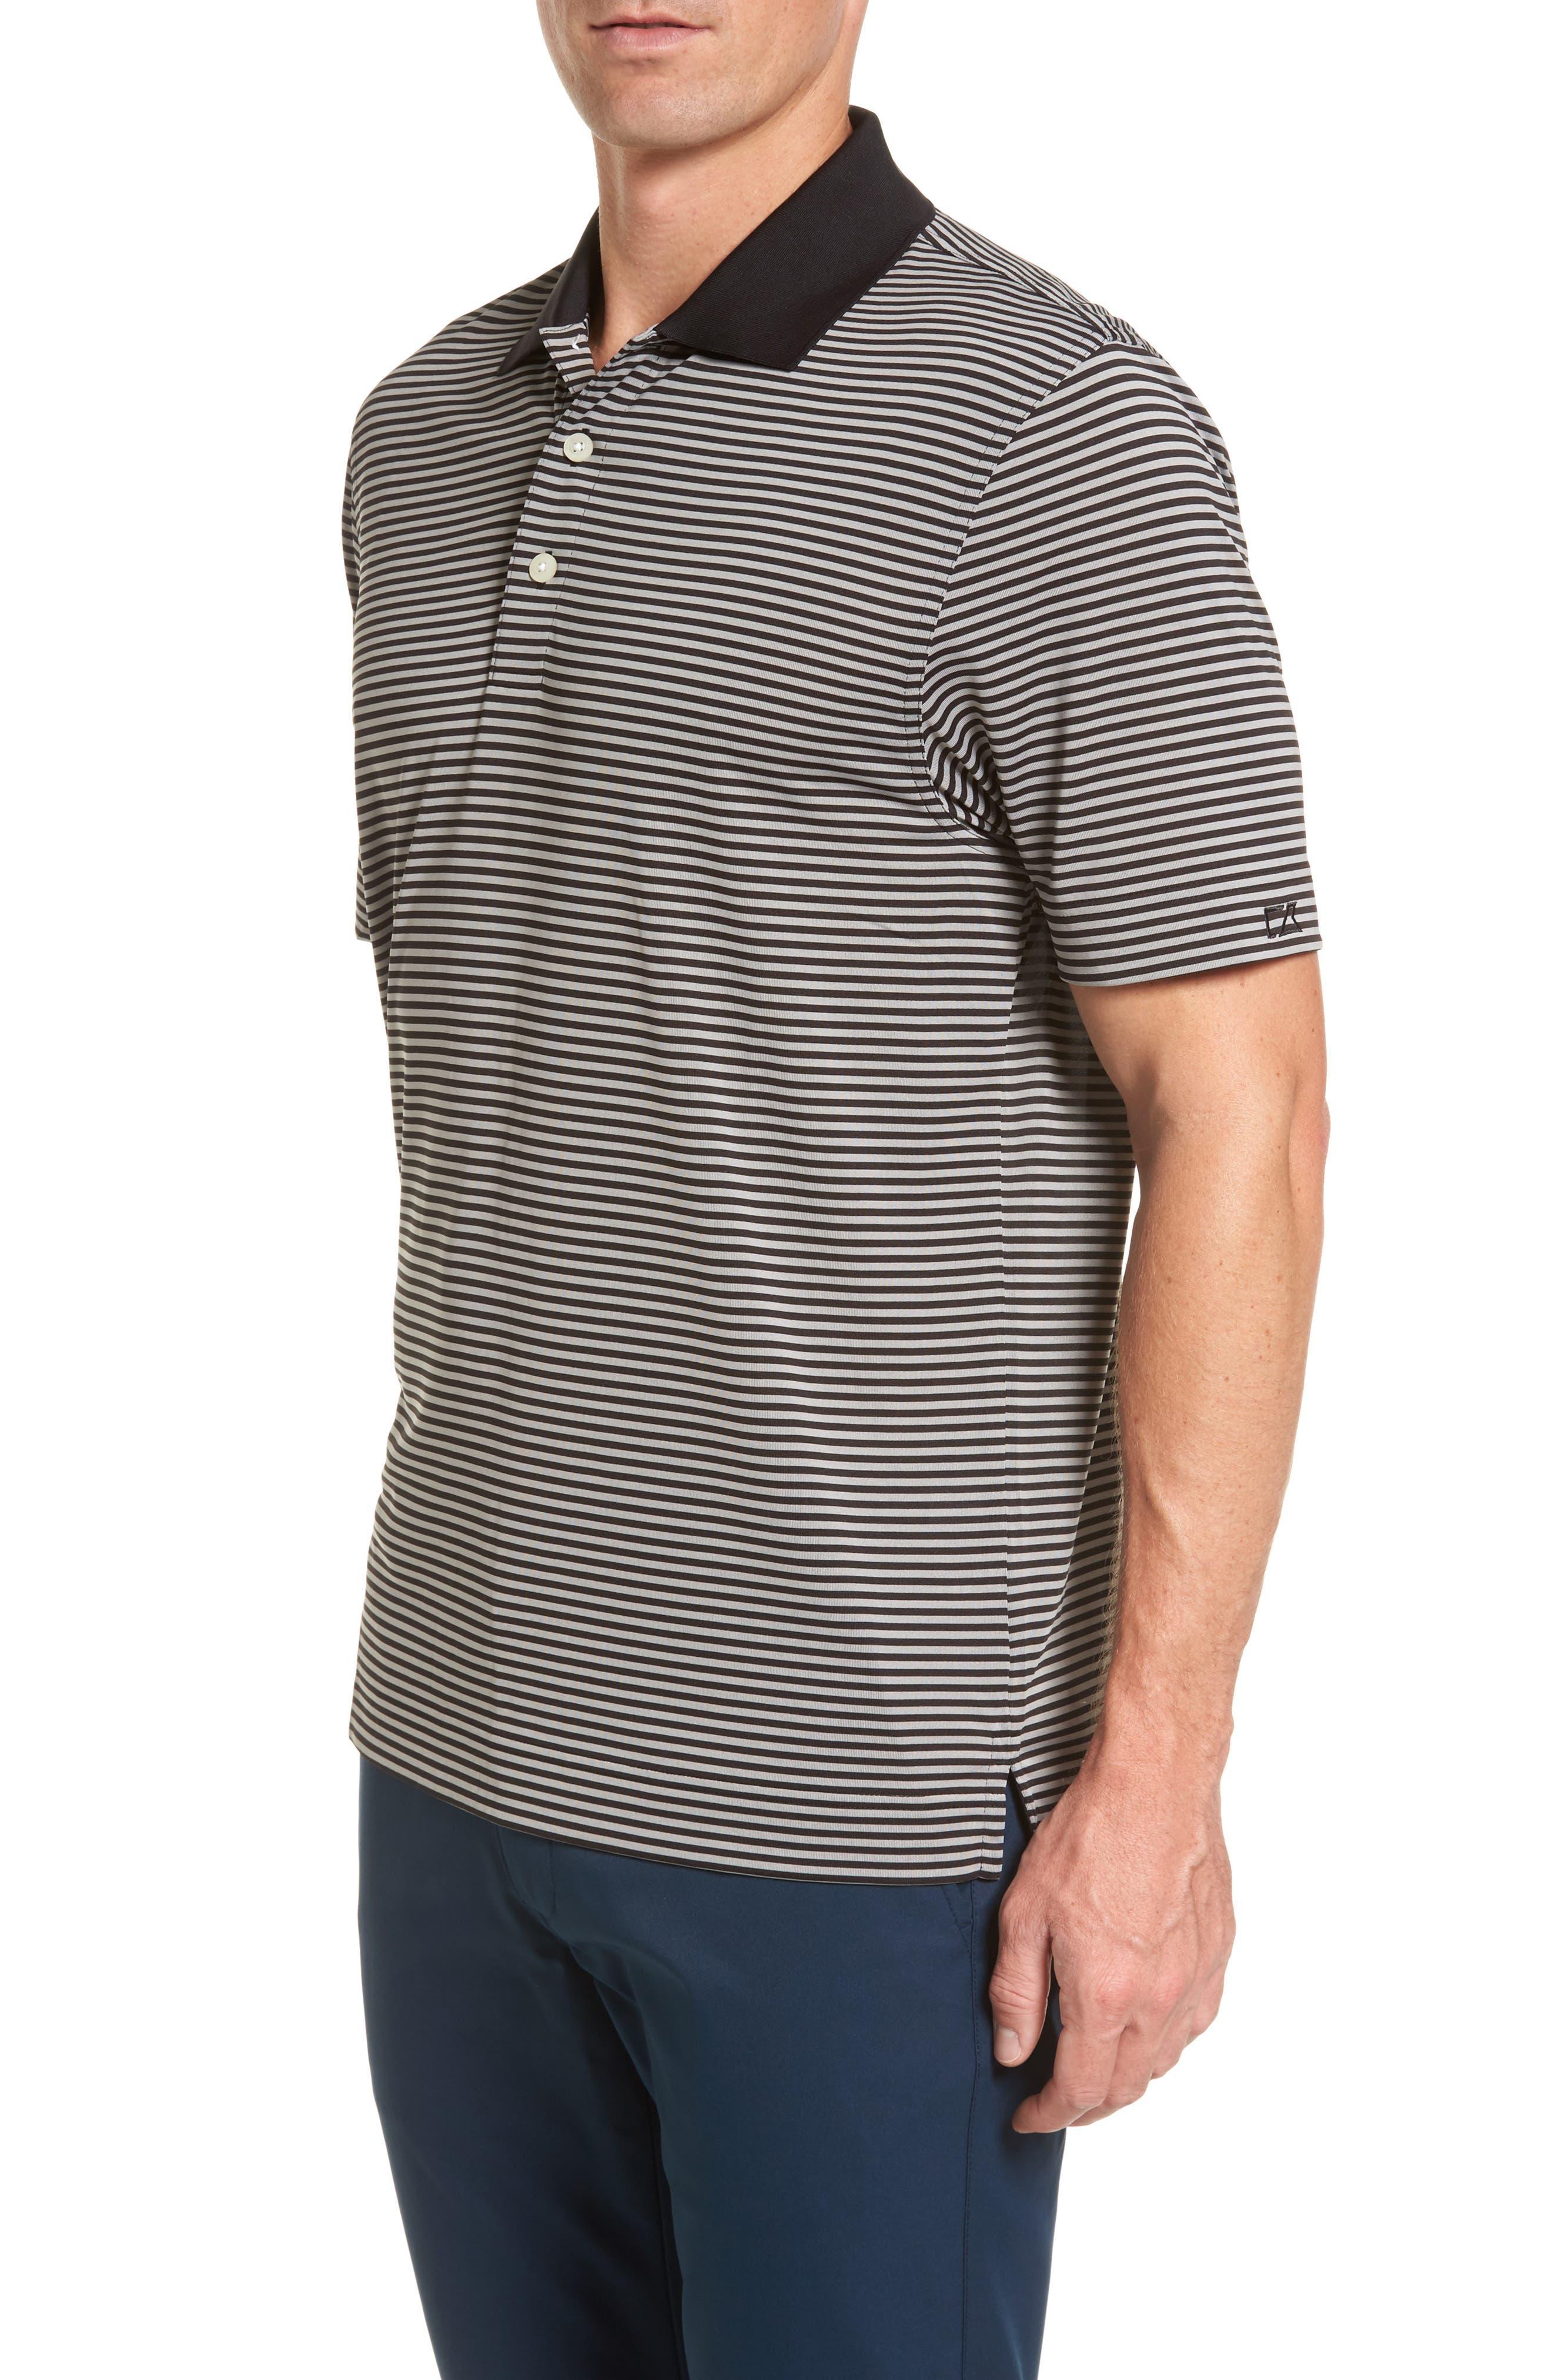 Trevor DryTec Moisture Wicking Golf Polo,                             Alternate thumbnail 3, color,                             BLACK/ OXIDE